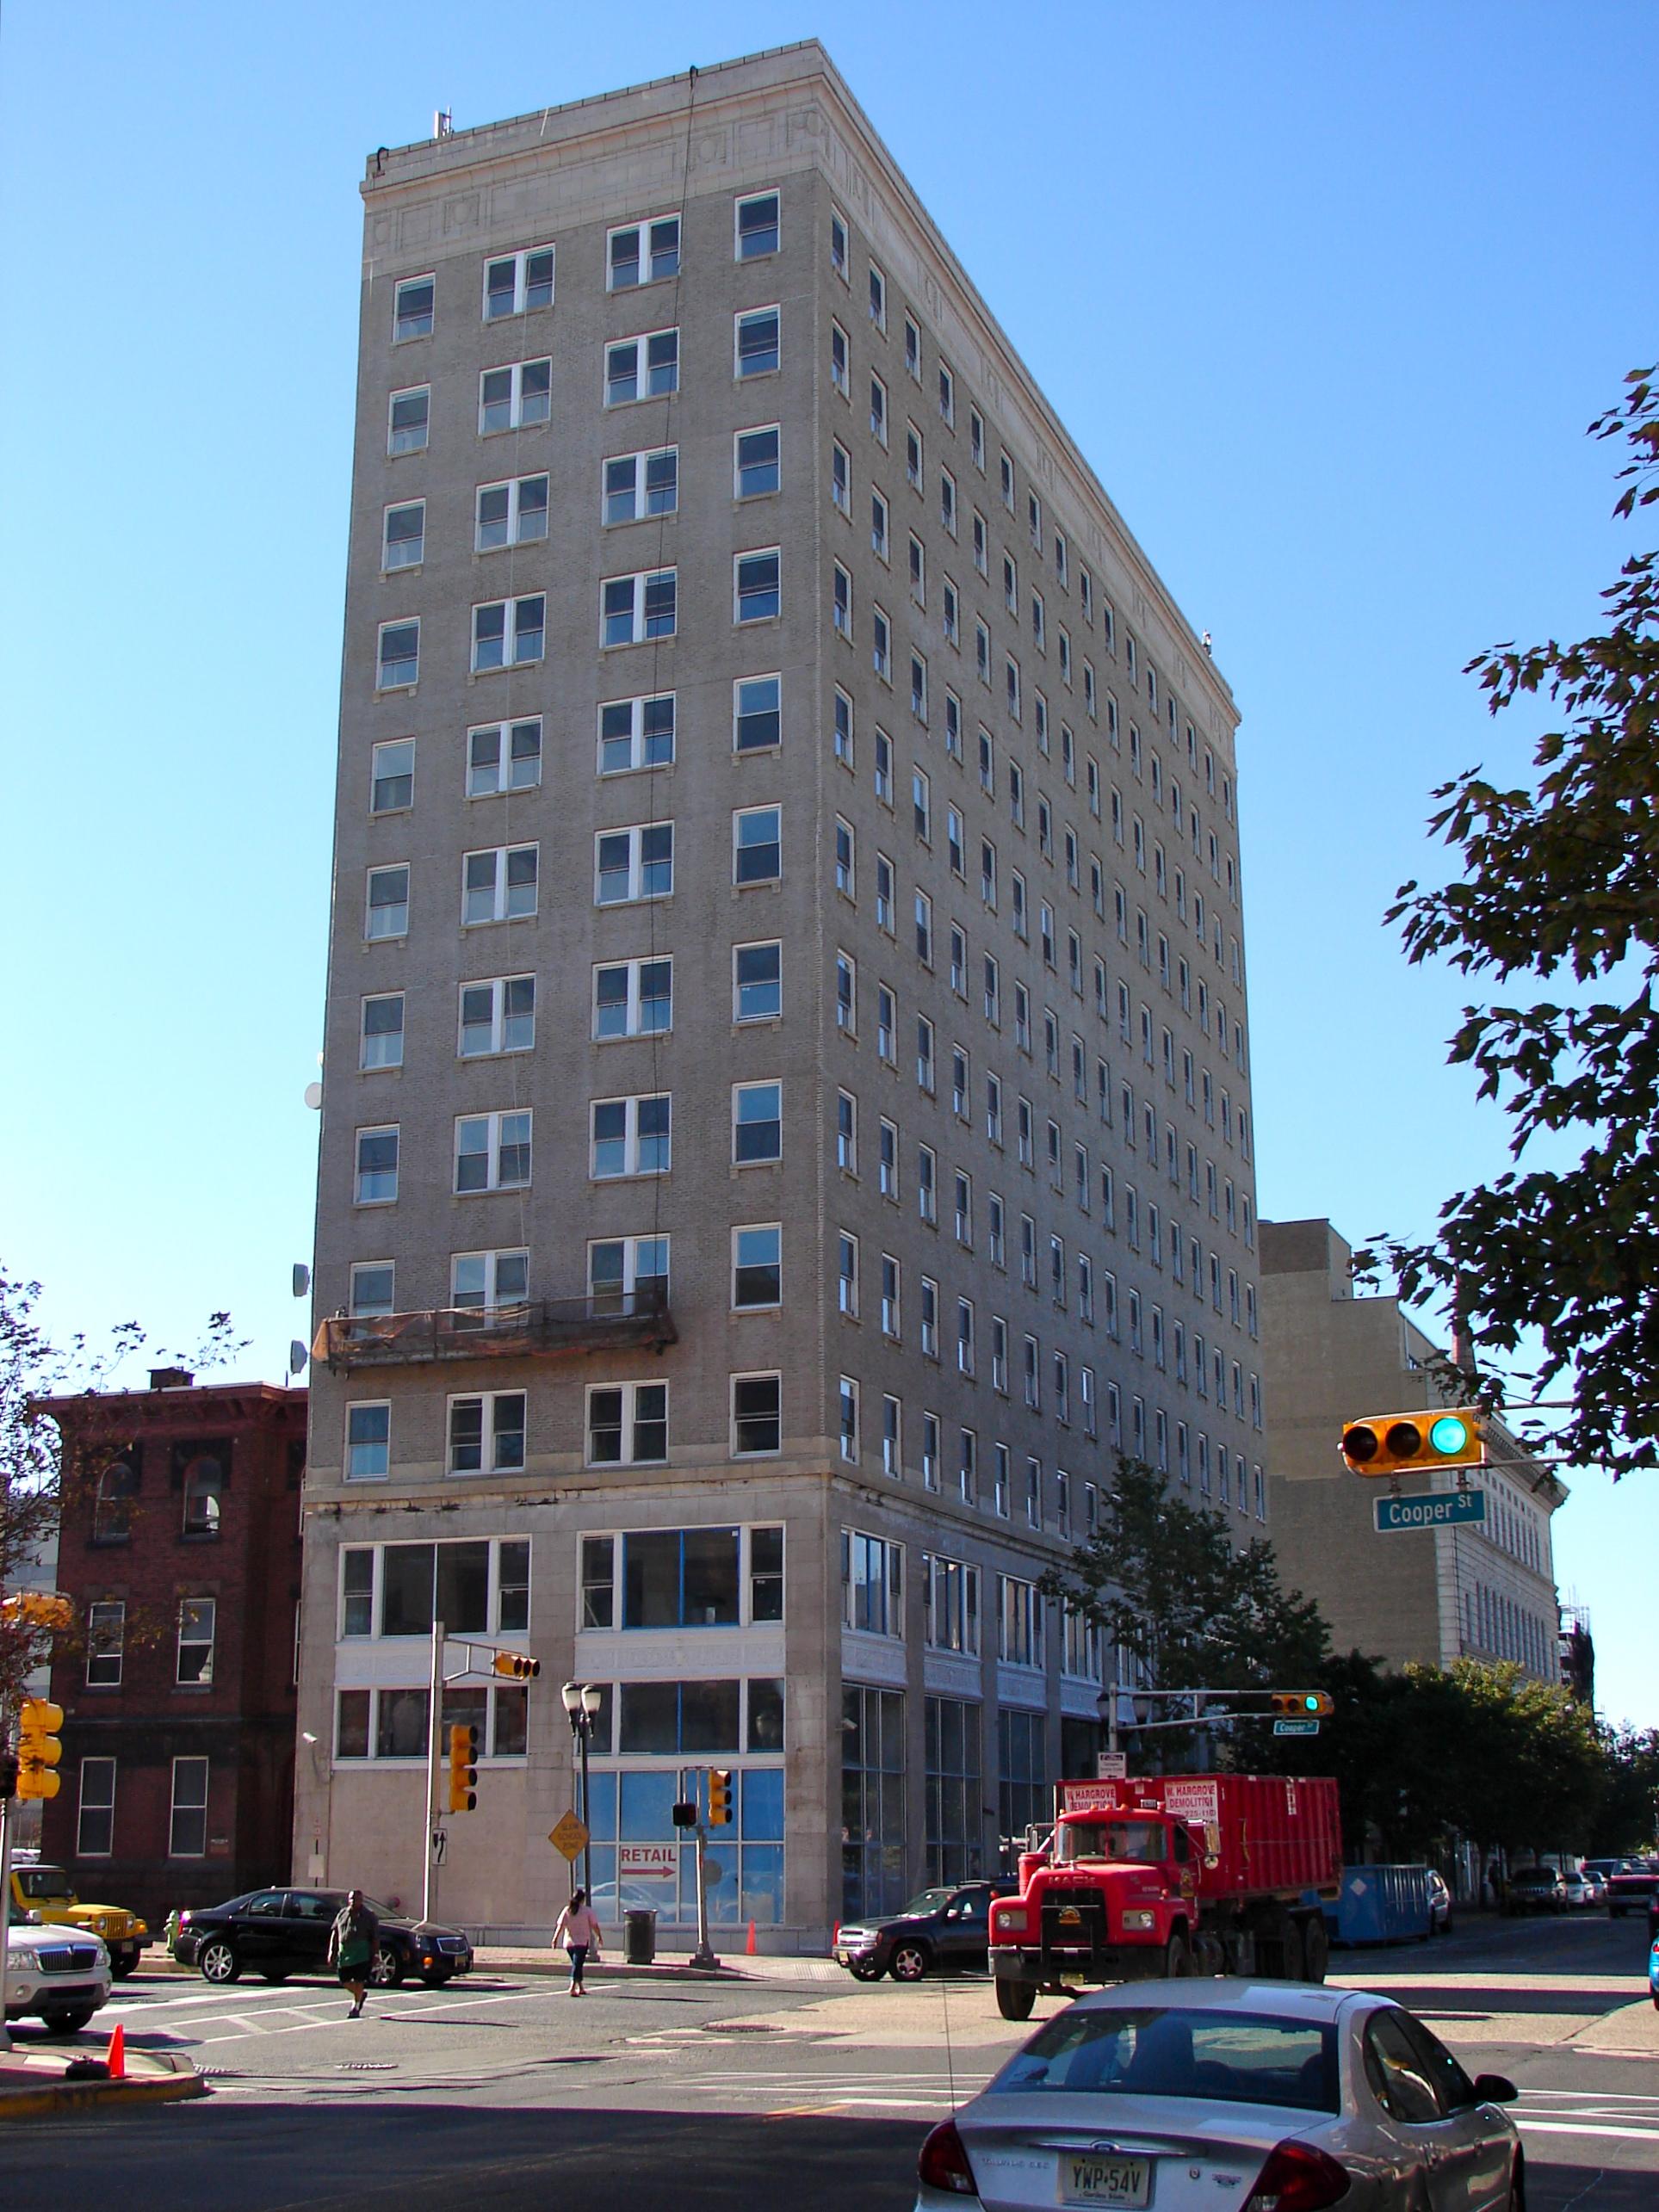 Wilson Building (Camden, New Jersey)